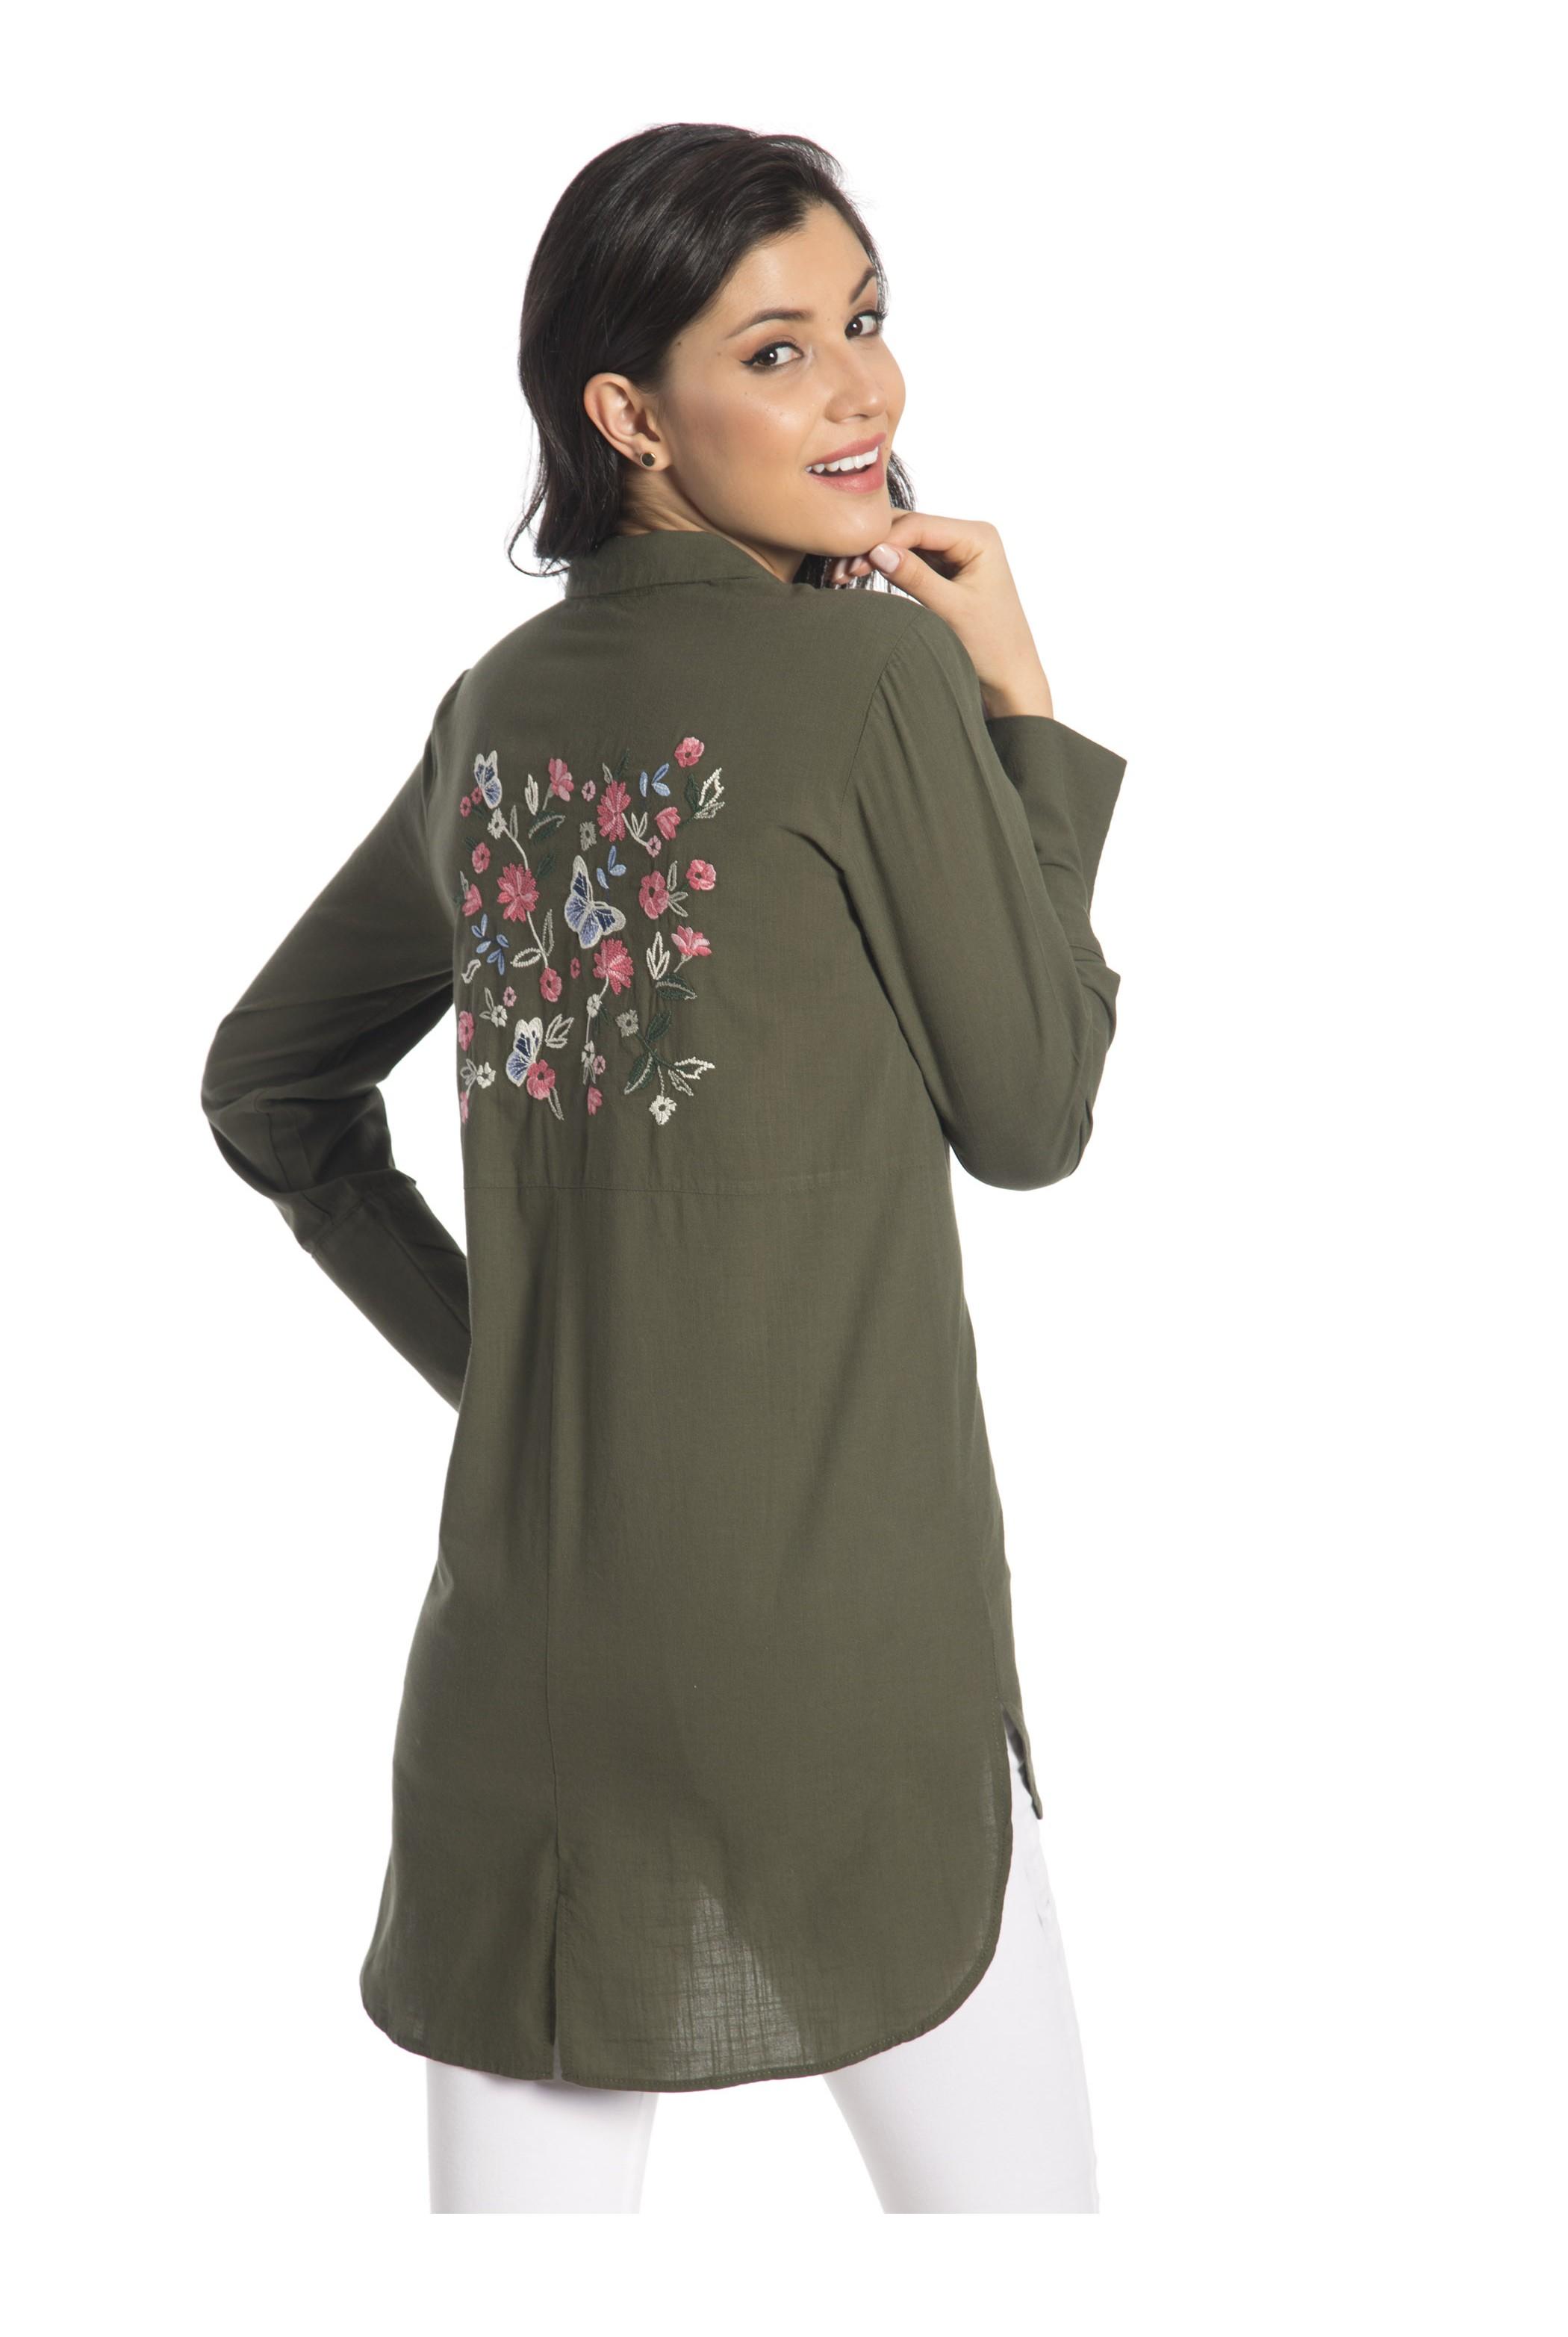 بالصور قميص نسائي , اروع المودلات للقمصان النوم للنساء 1037 3